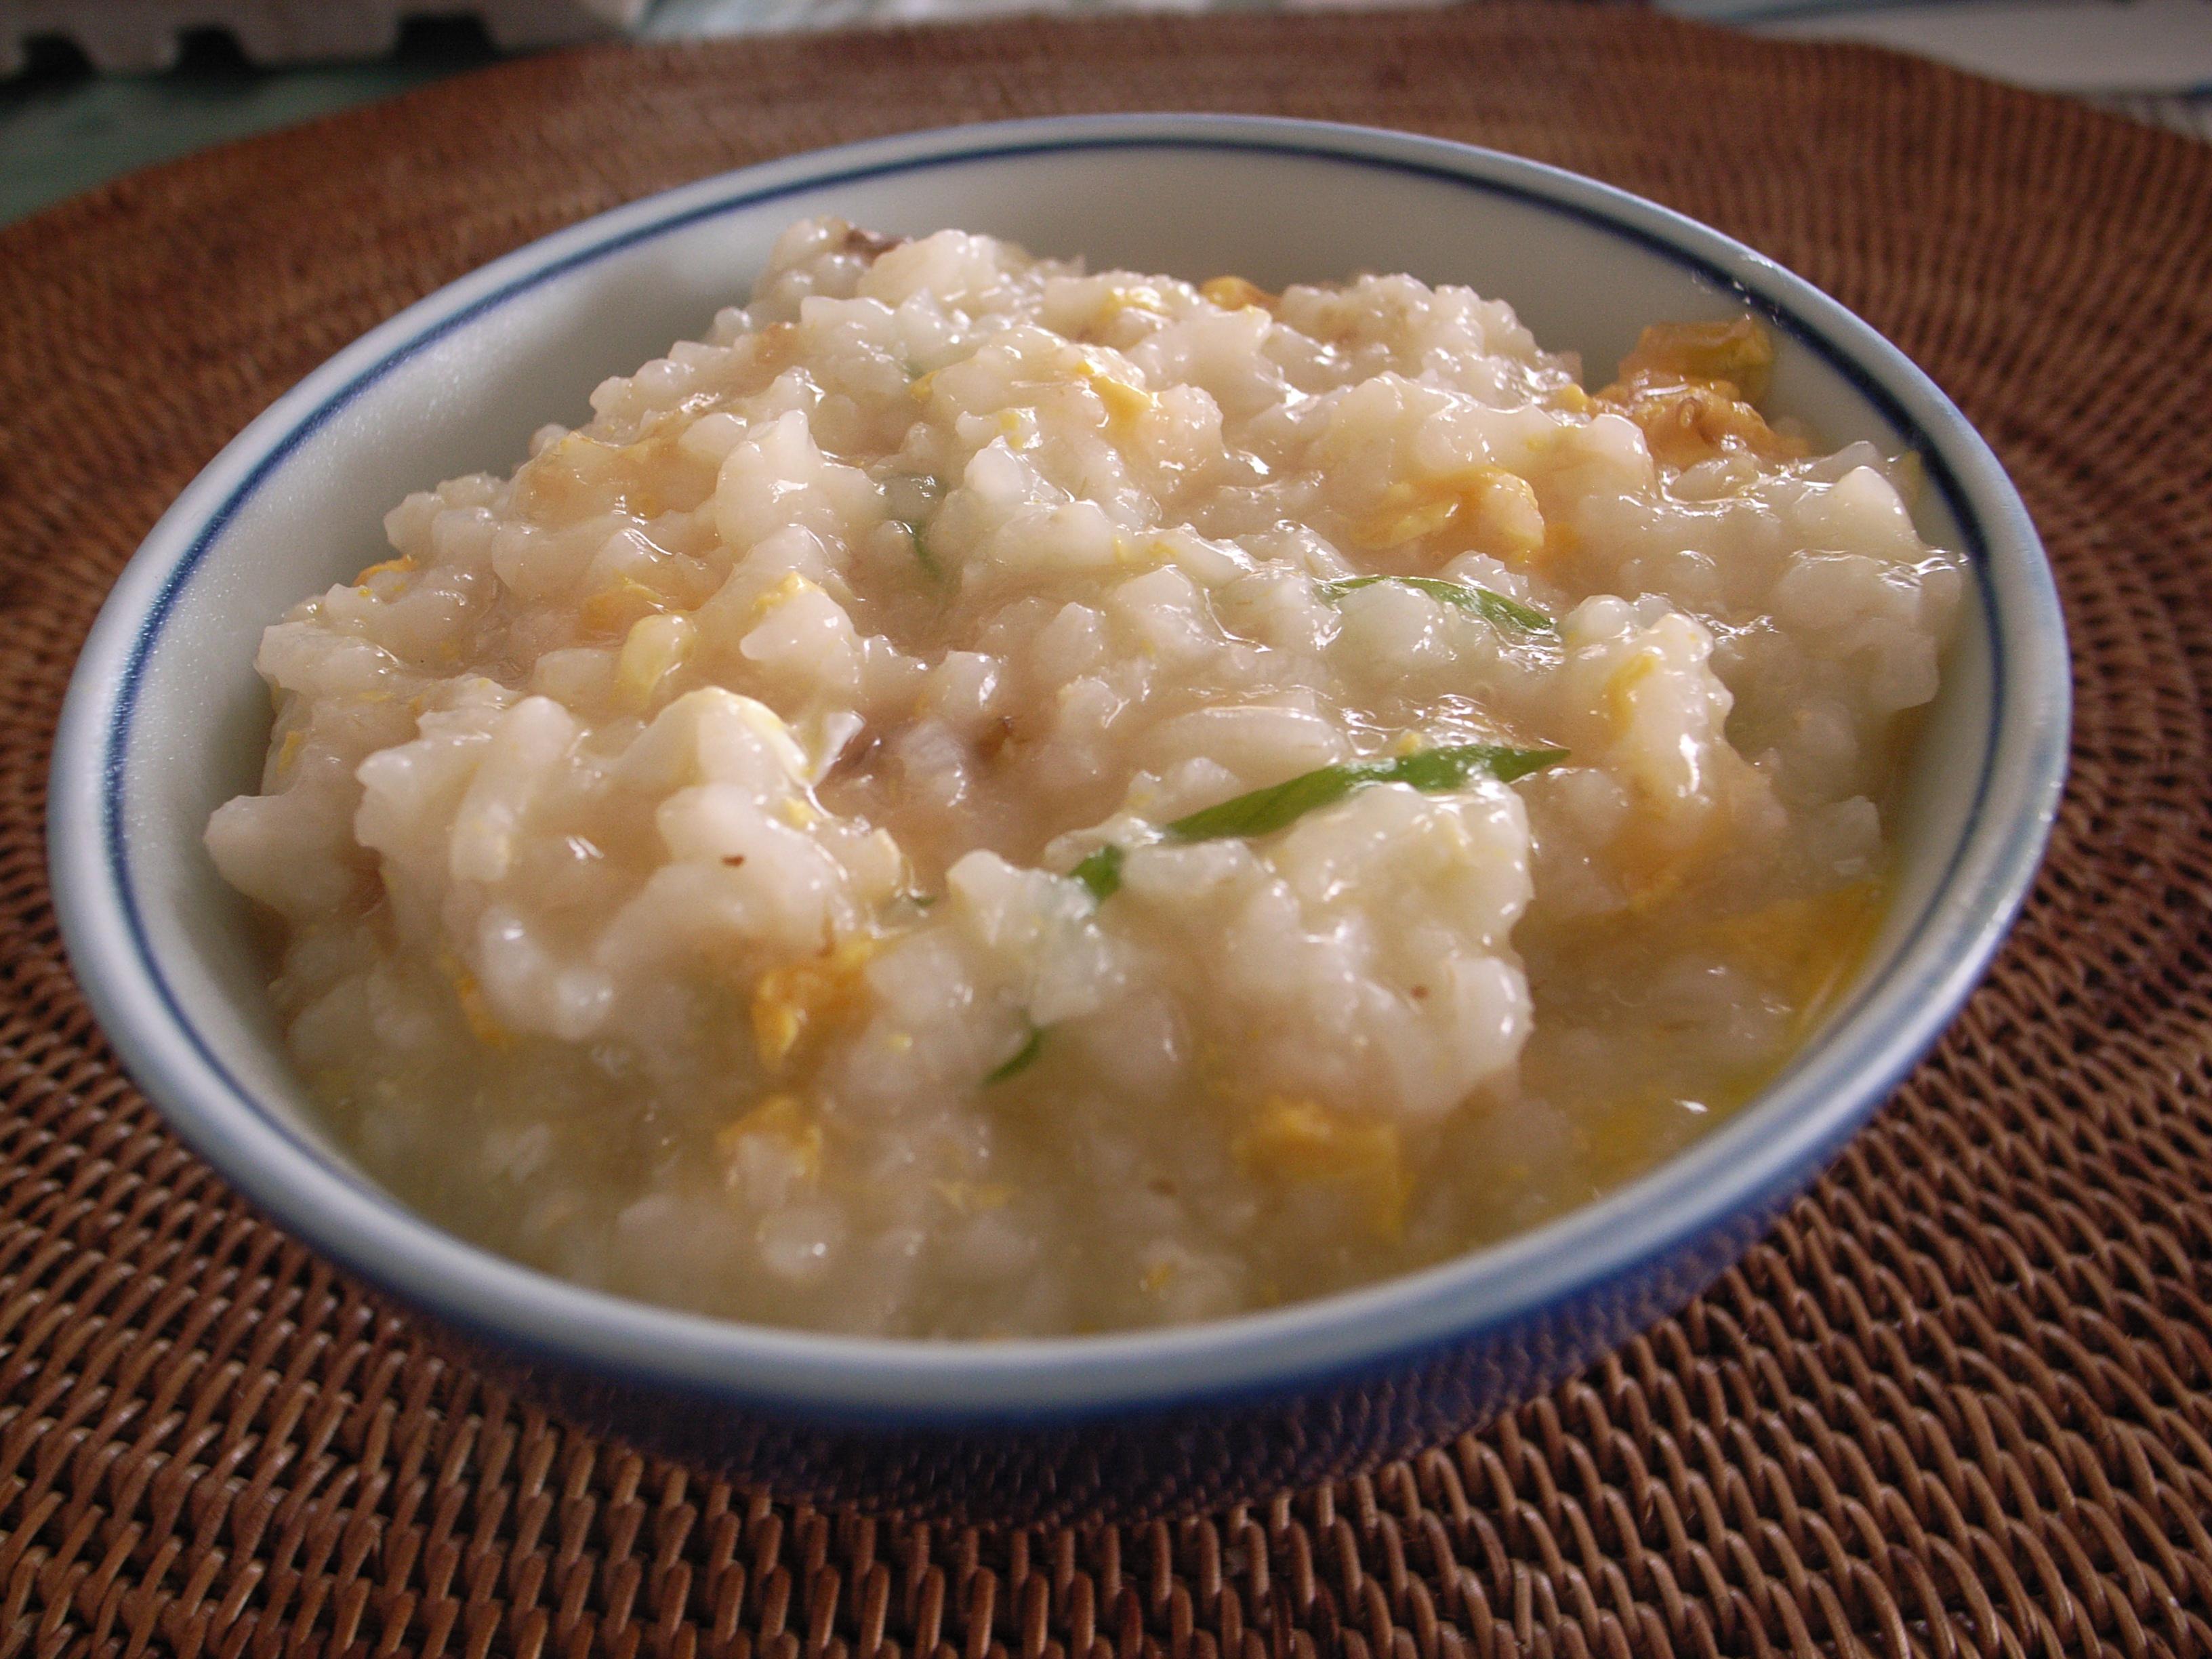 restjes rijst verwerken - rijstepap